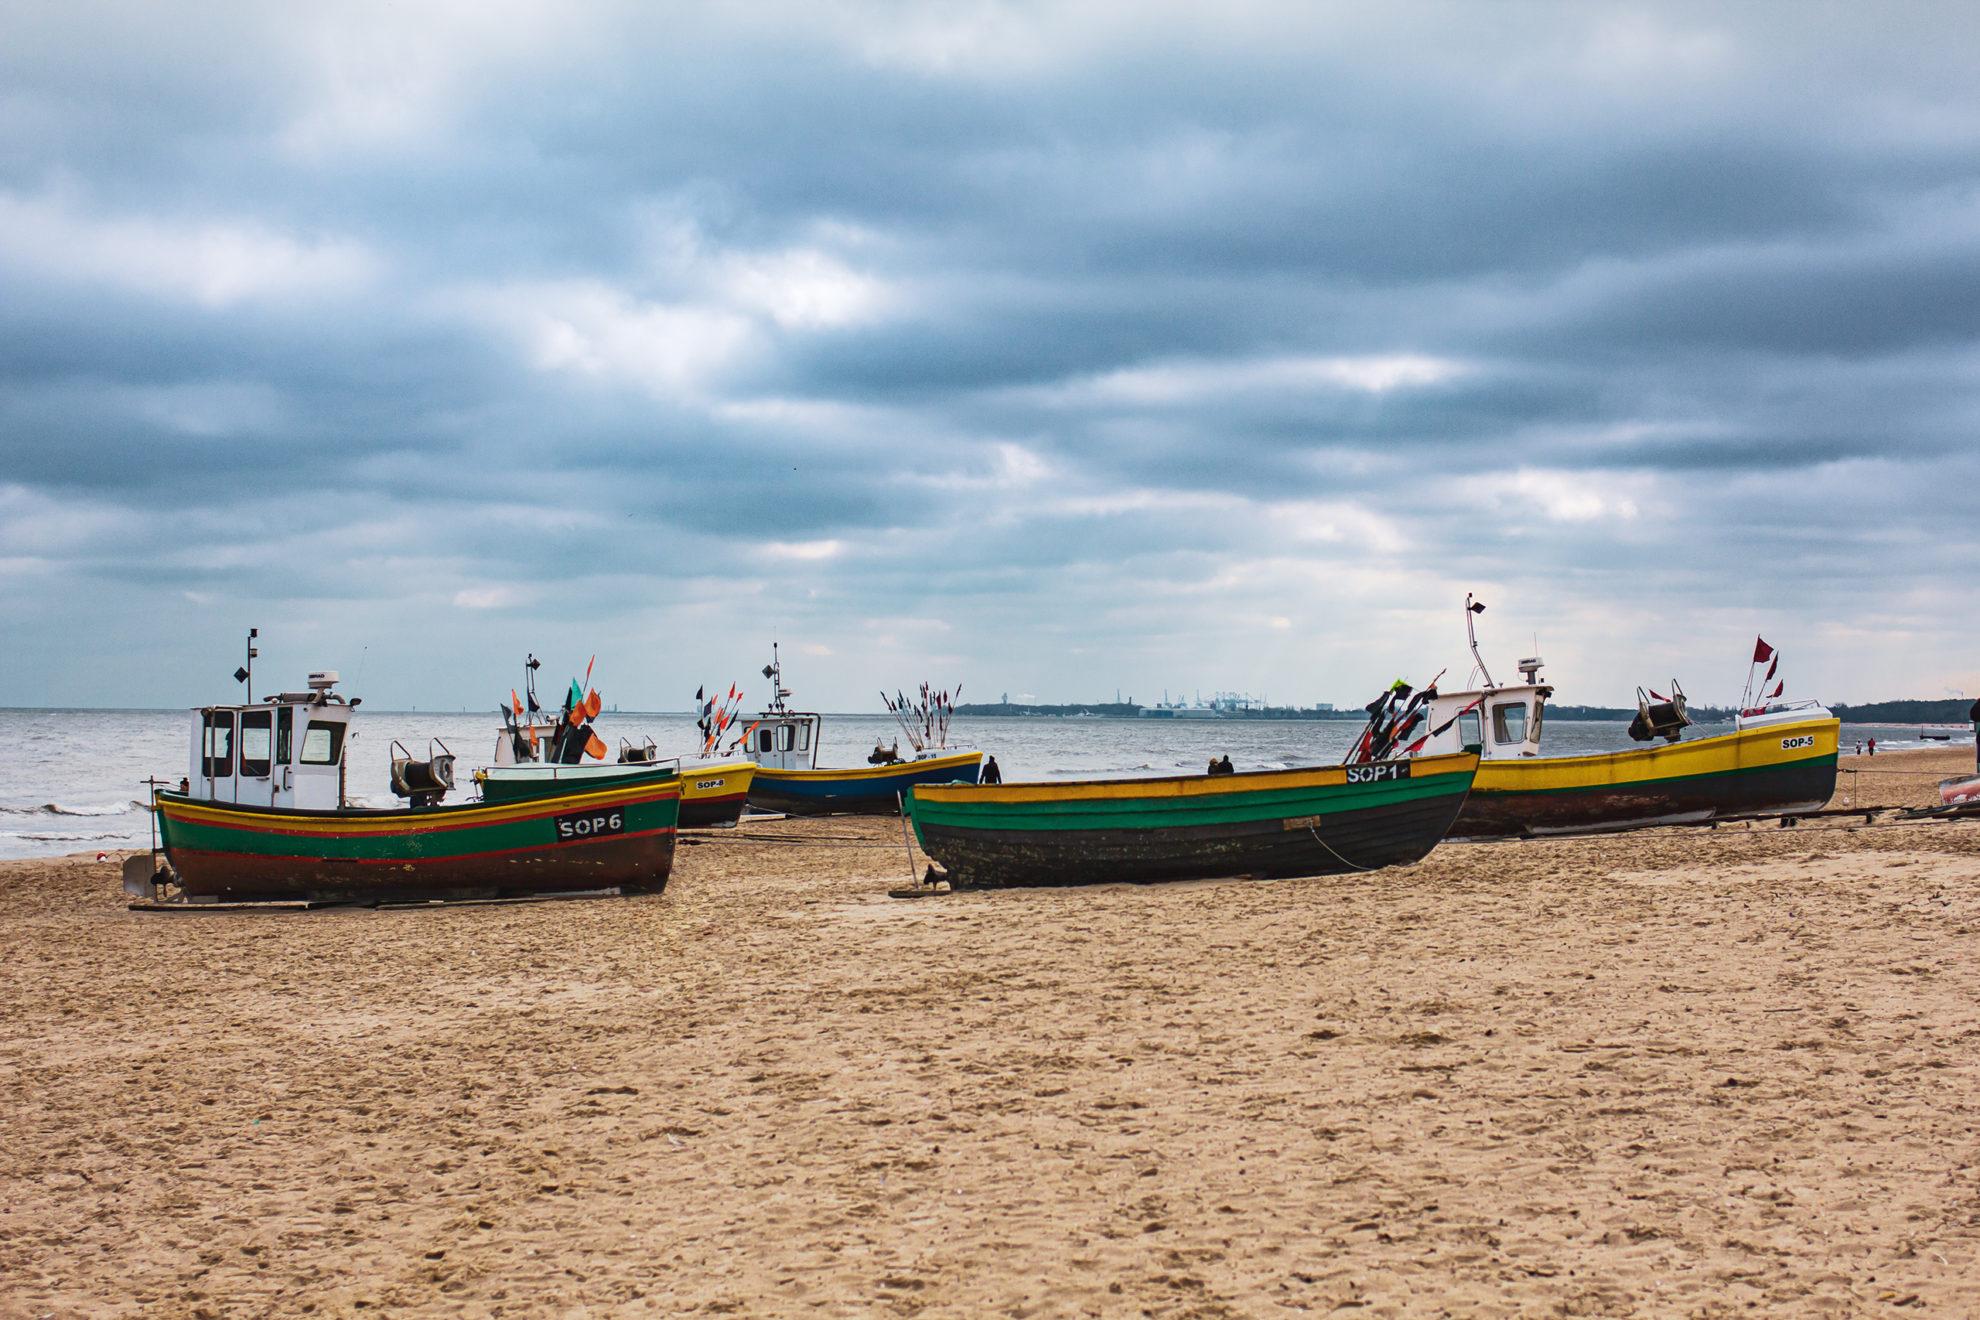 Mehrere kleine bunte Fischerboote liegen am Strand, über ihnen stehen dunkle Wolken.